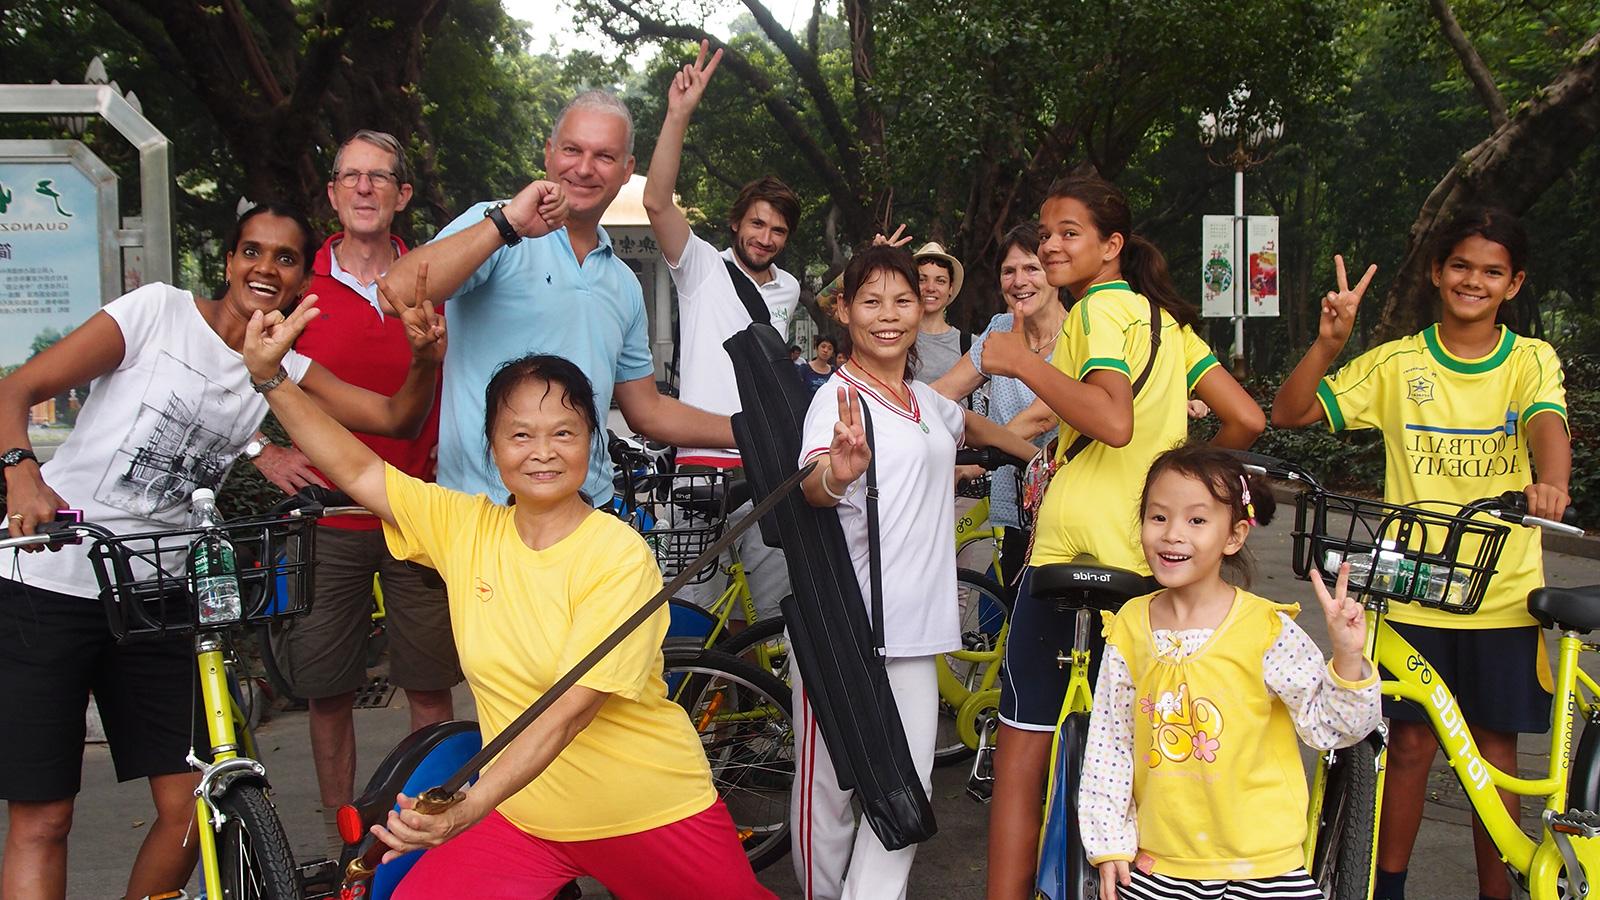 Cycle Canton - Teamuitjes